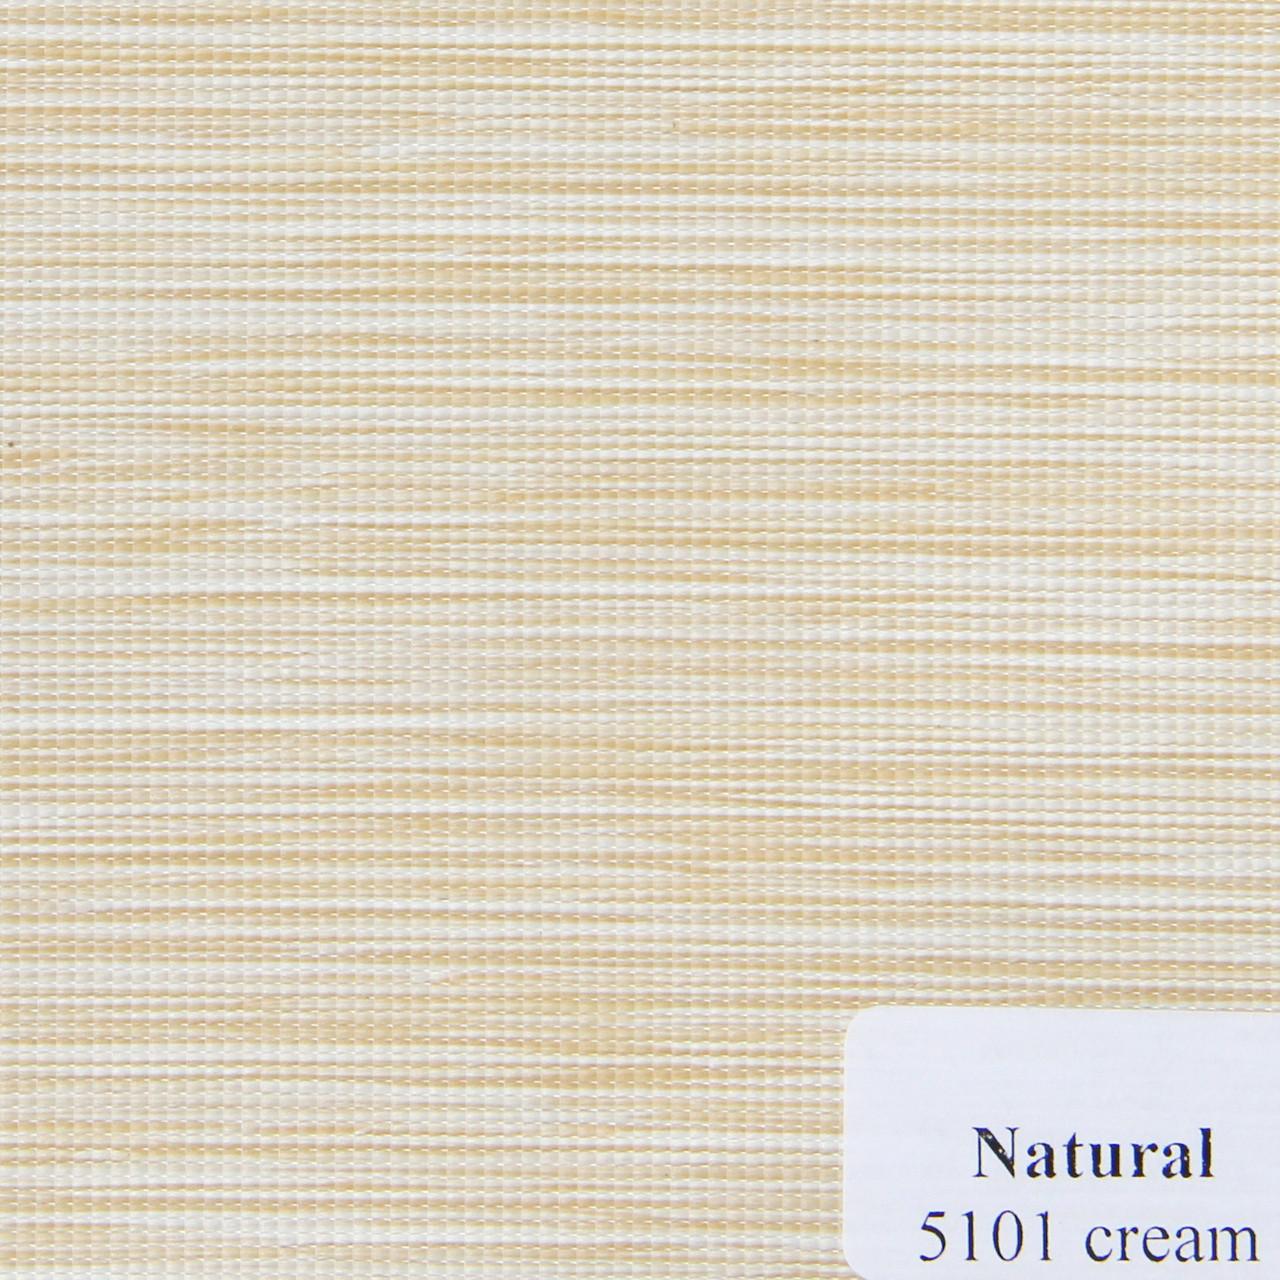 Рулонні штори Одеса Тканина Natural Кремовий 5101